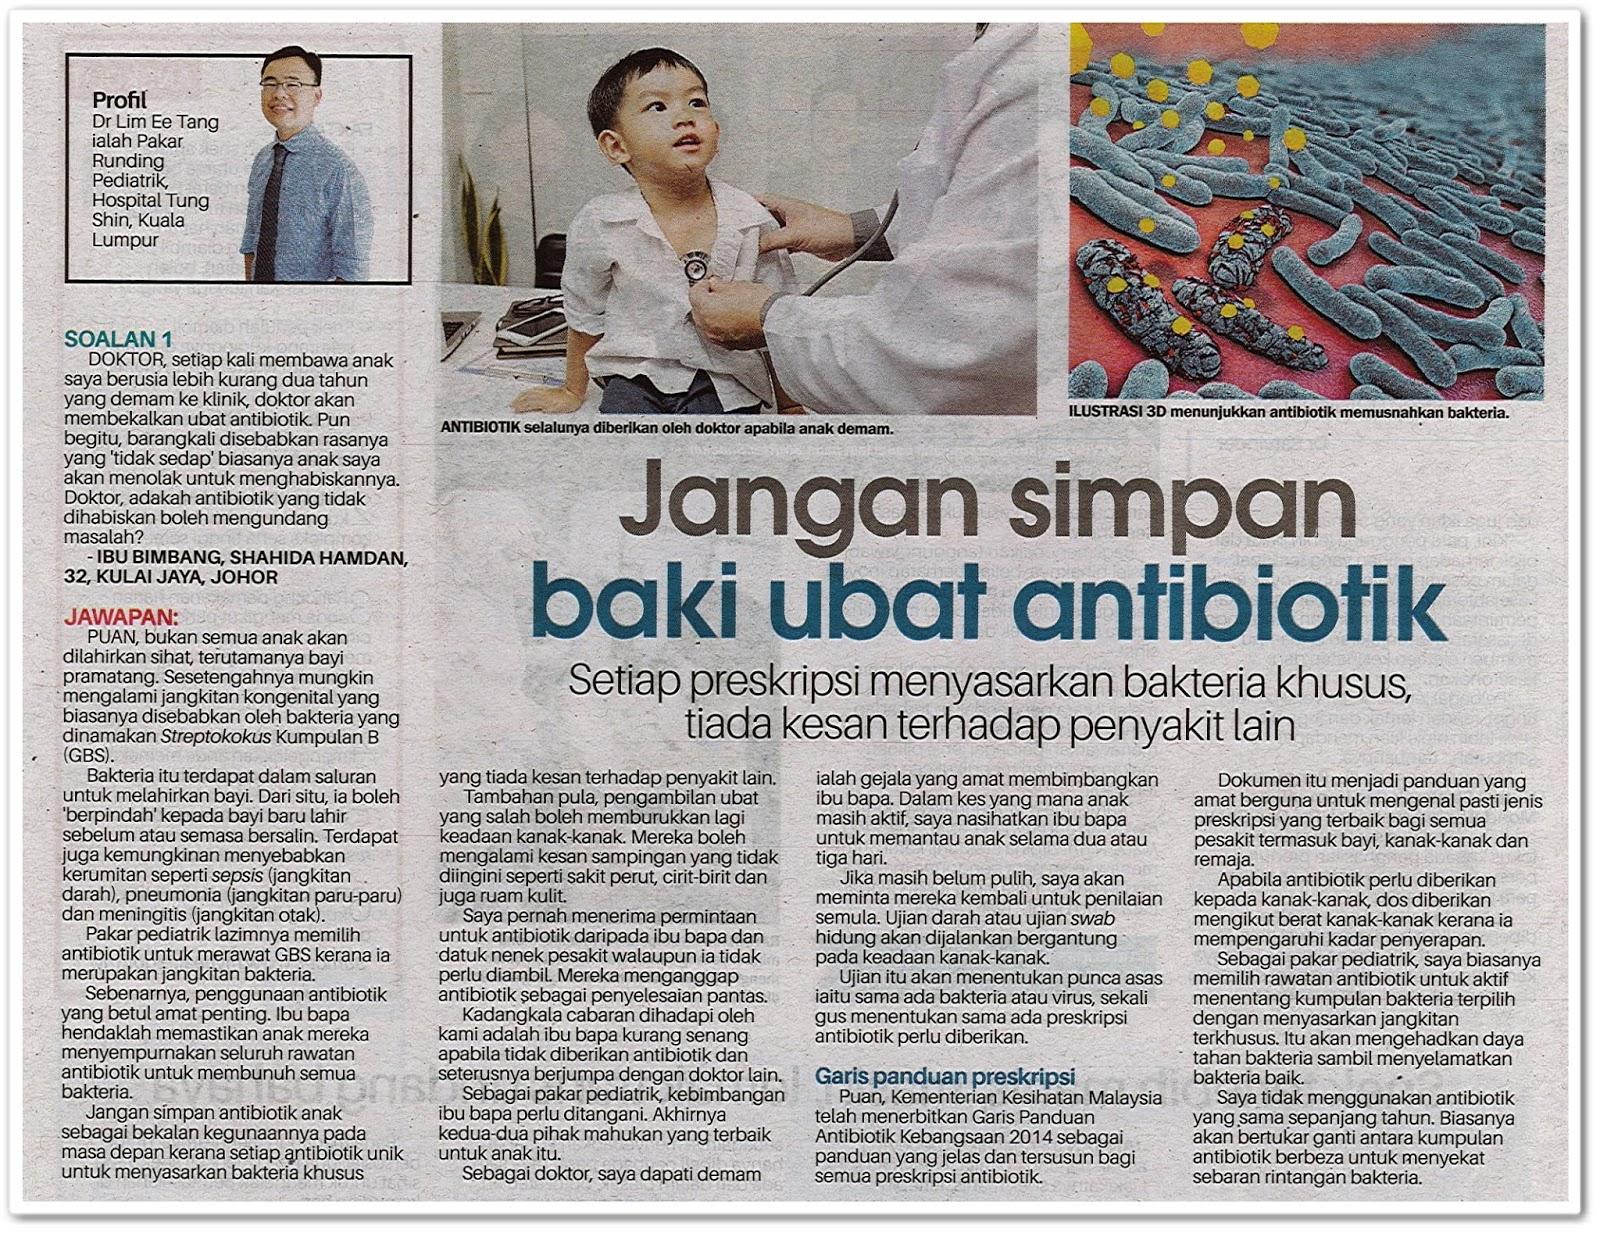 Jangan simpan baki ubat antibiotik ; setiap preskripsi menyasarkan bakteria khusus, tiada kesan terhadap penyakit lain